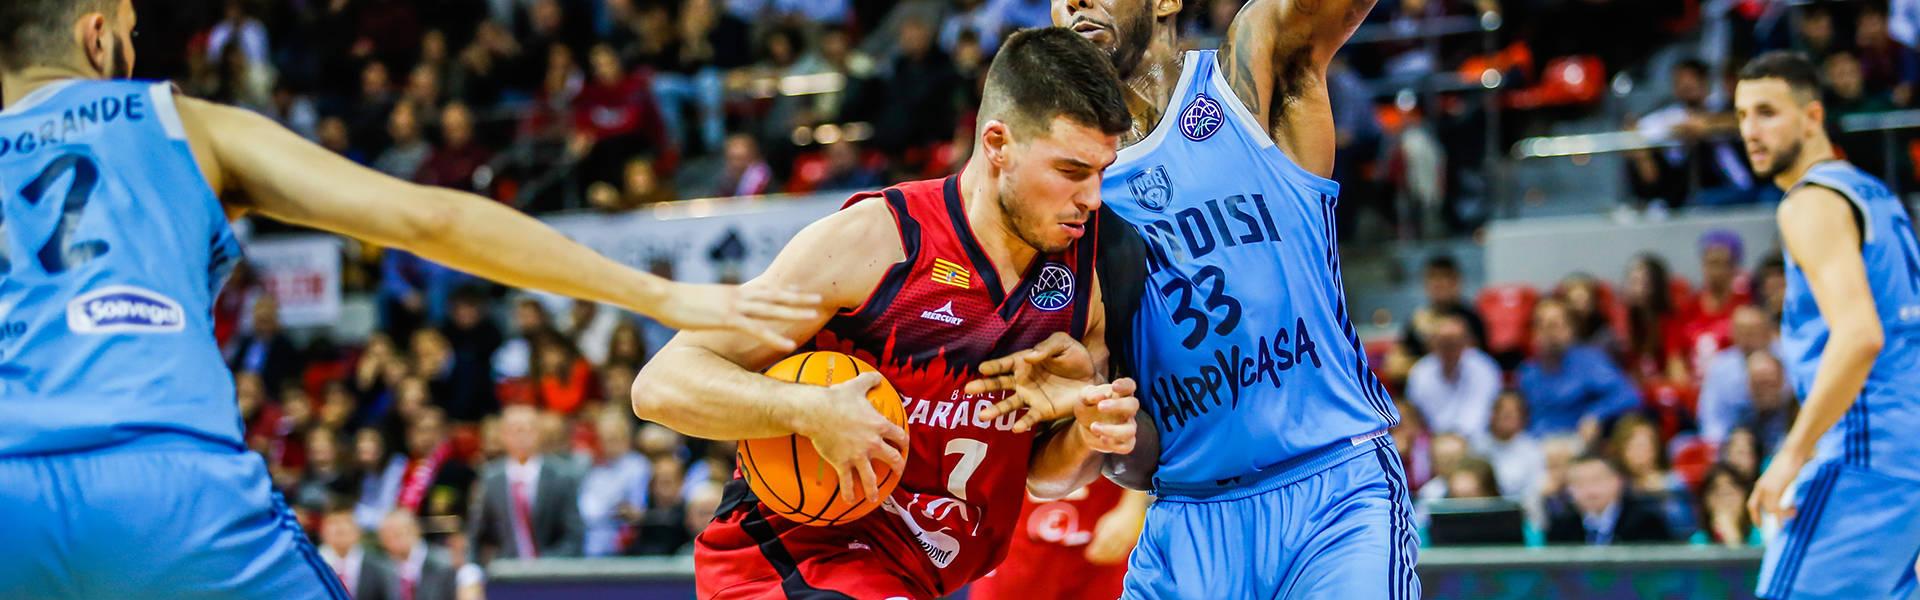 Basketball Champions League #Game7 2019-20: l'Happy Casa Brindisi spreca tanto, troppo ed alla fine cede al Saragozza dopo 2 OT